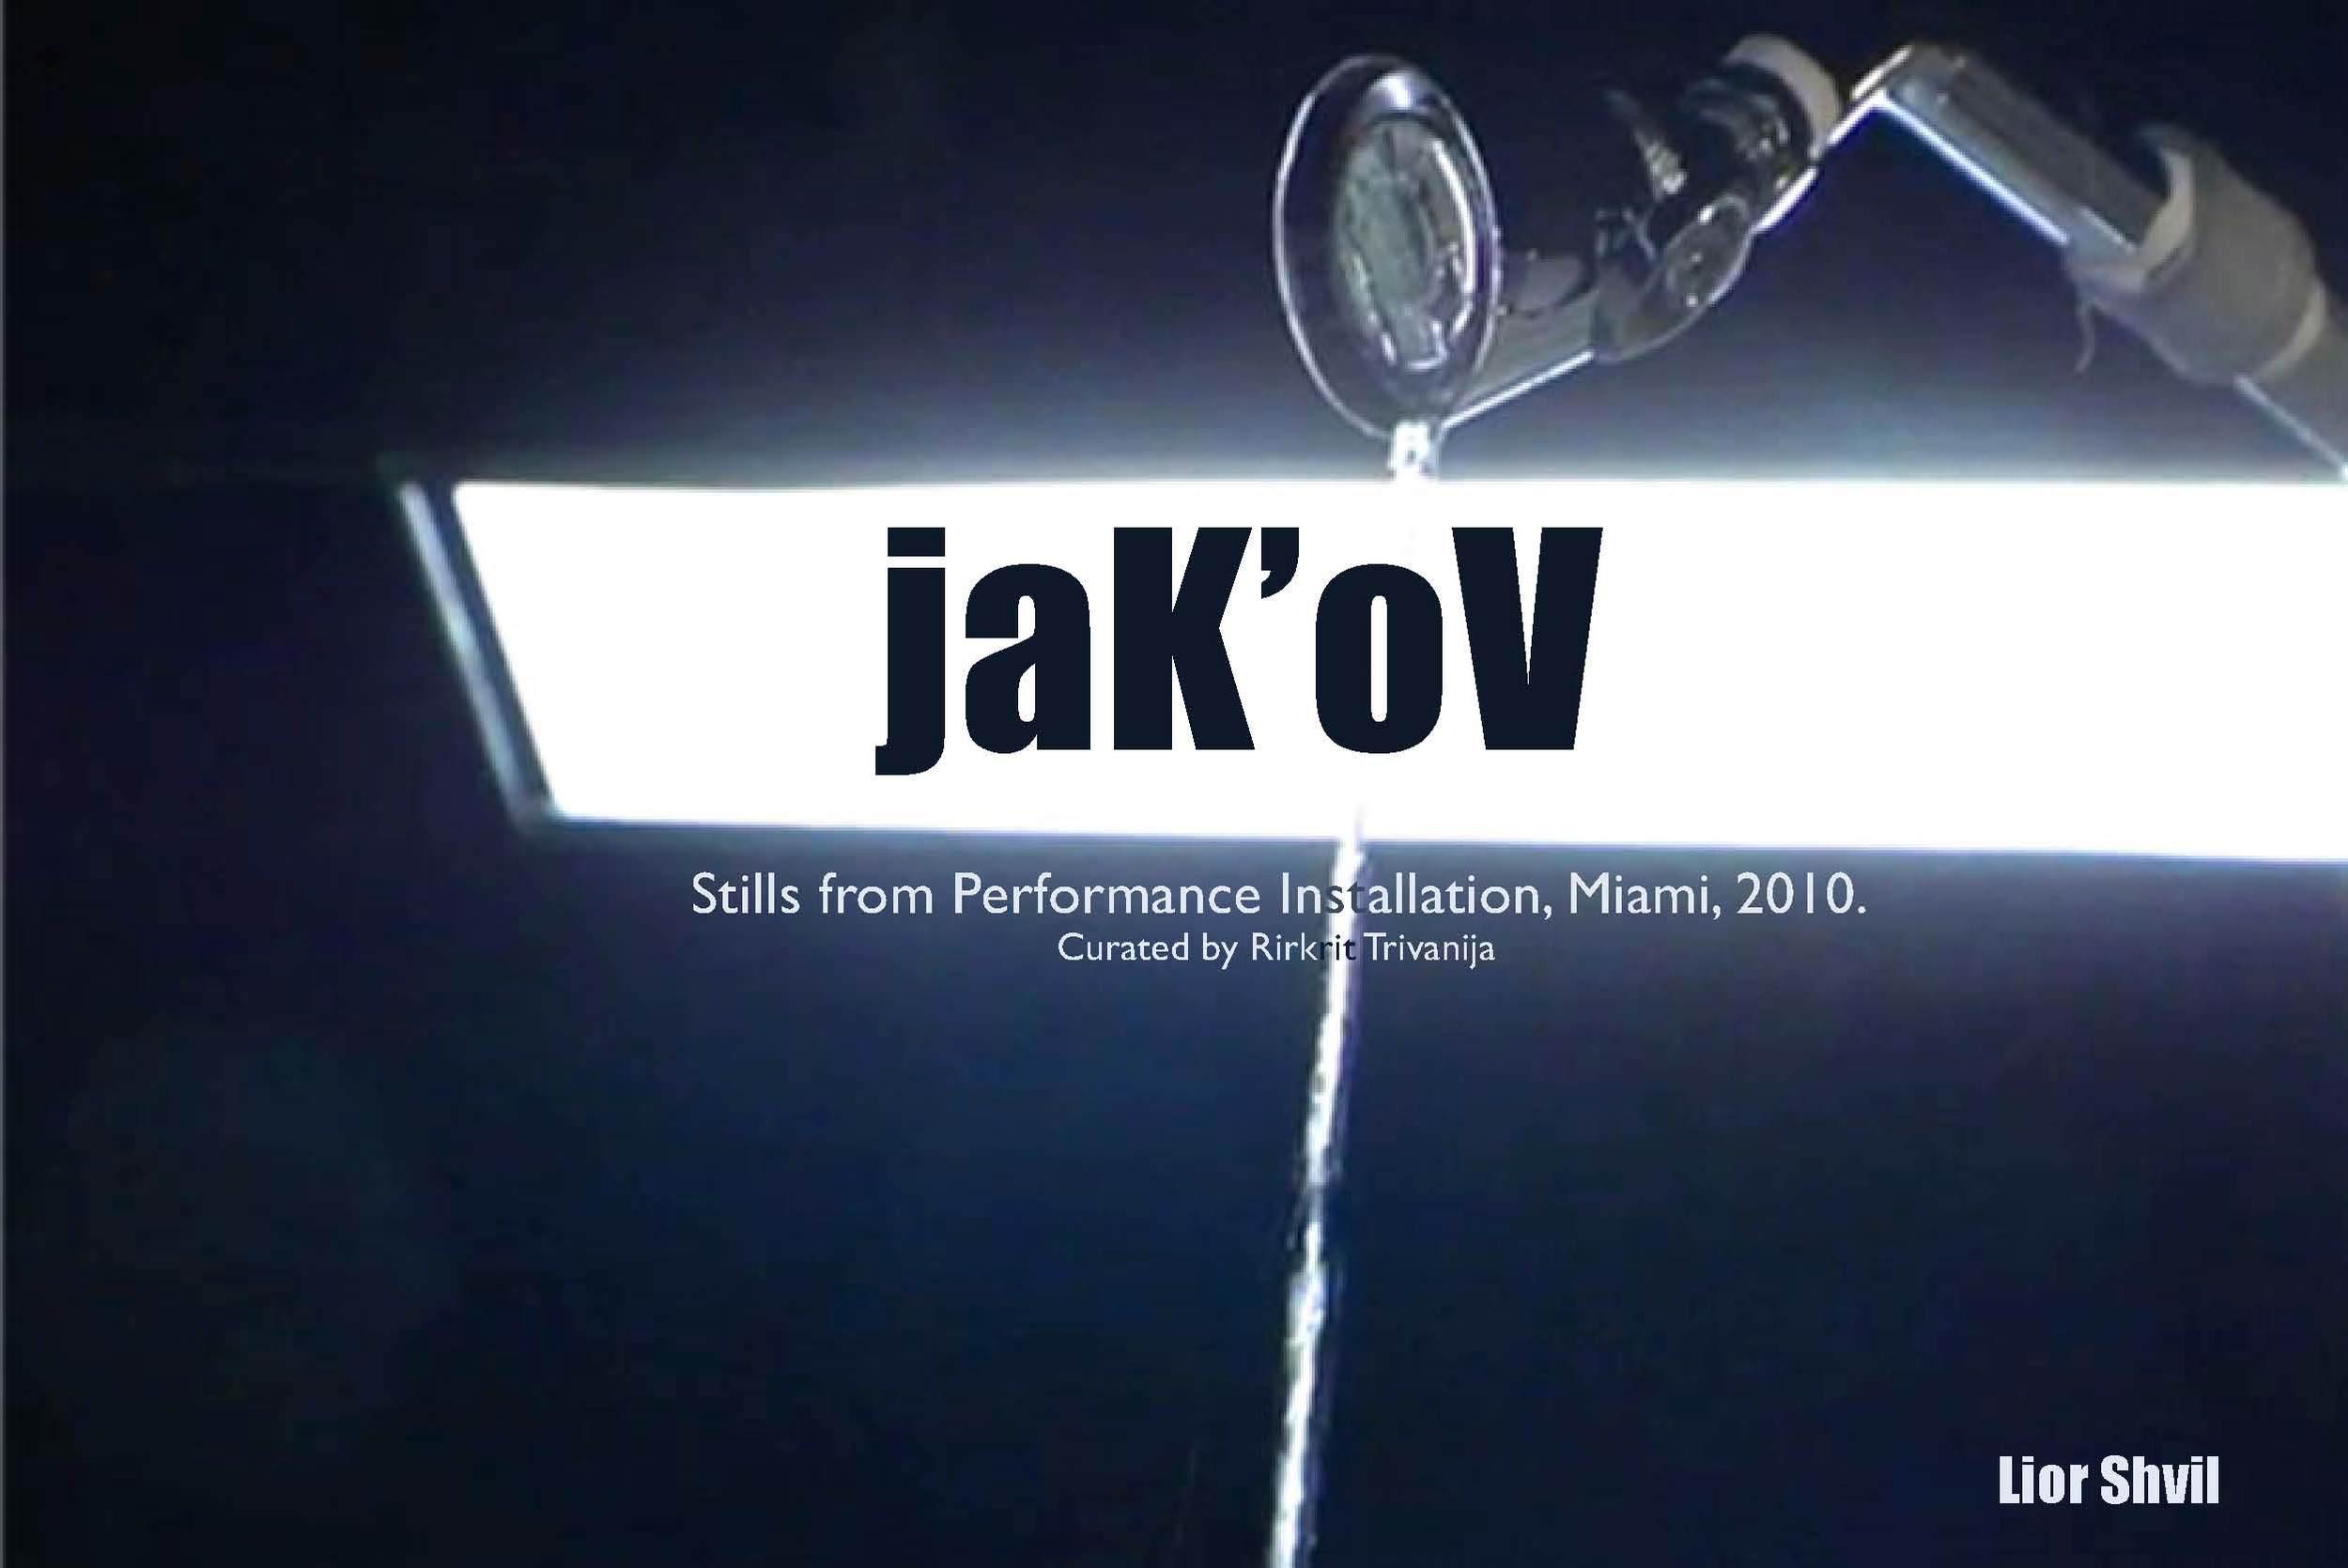 LiorShvil-Jakov-2010_Page_01.jpg